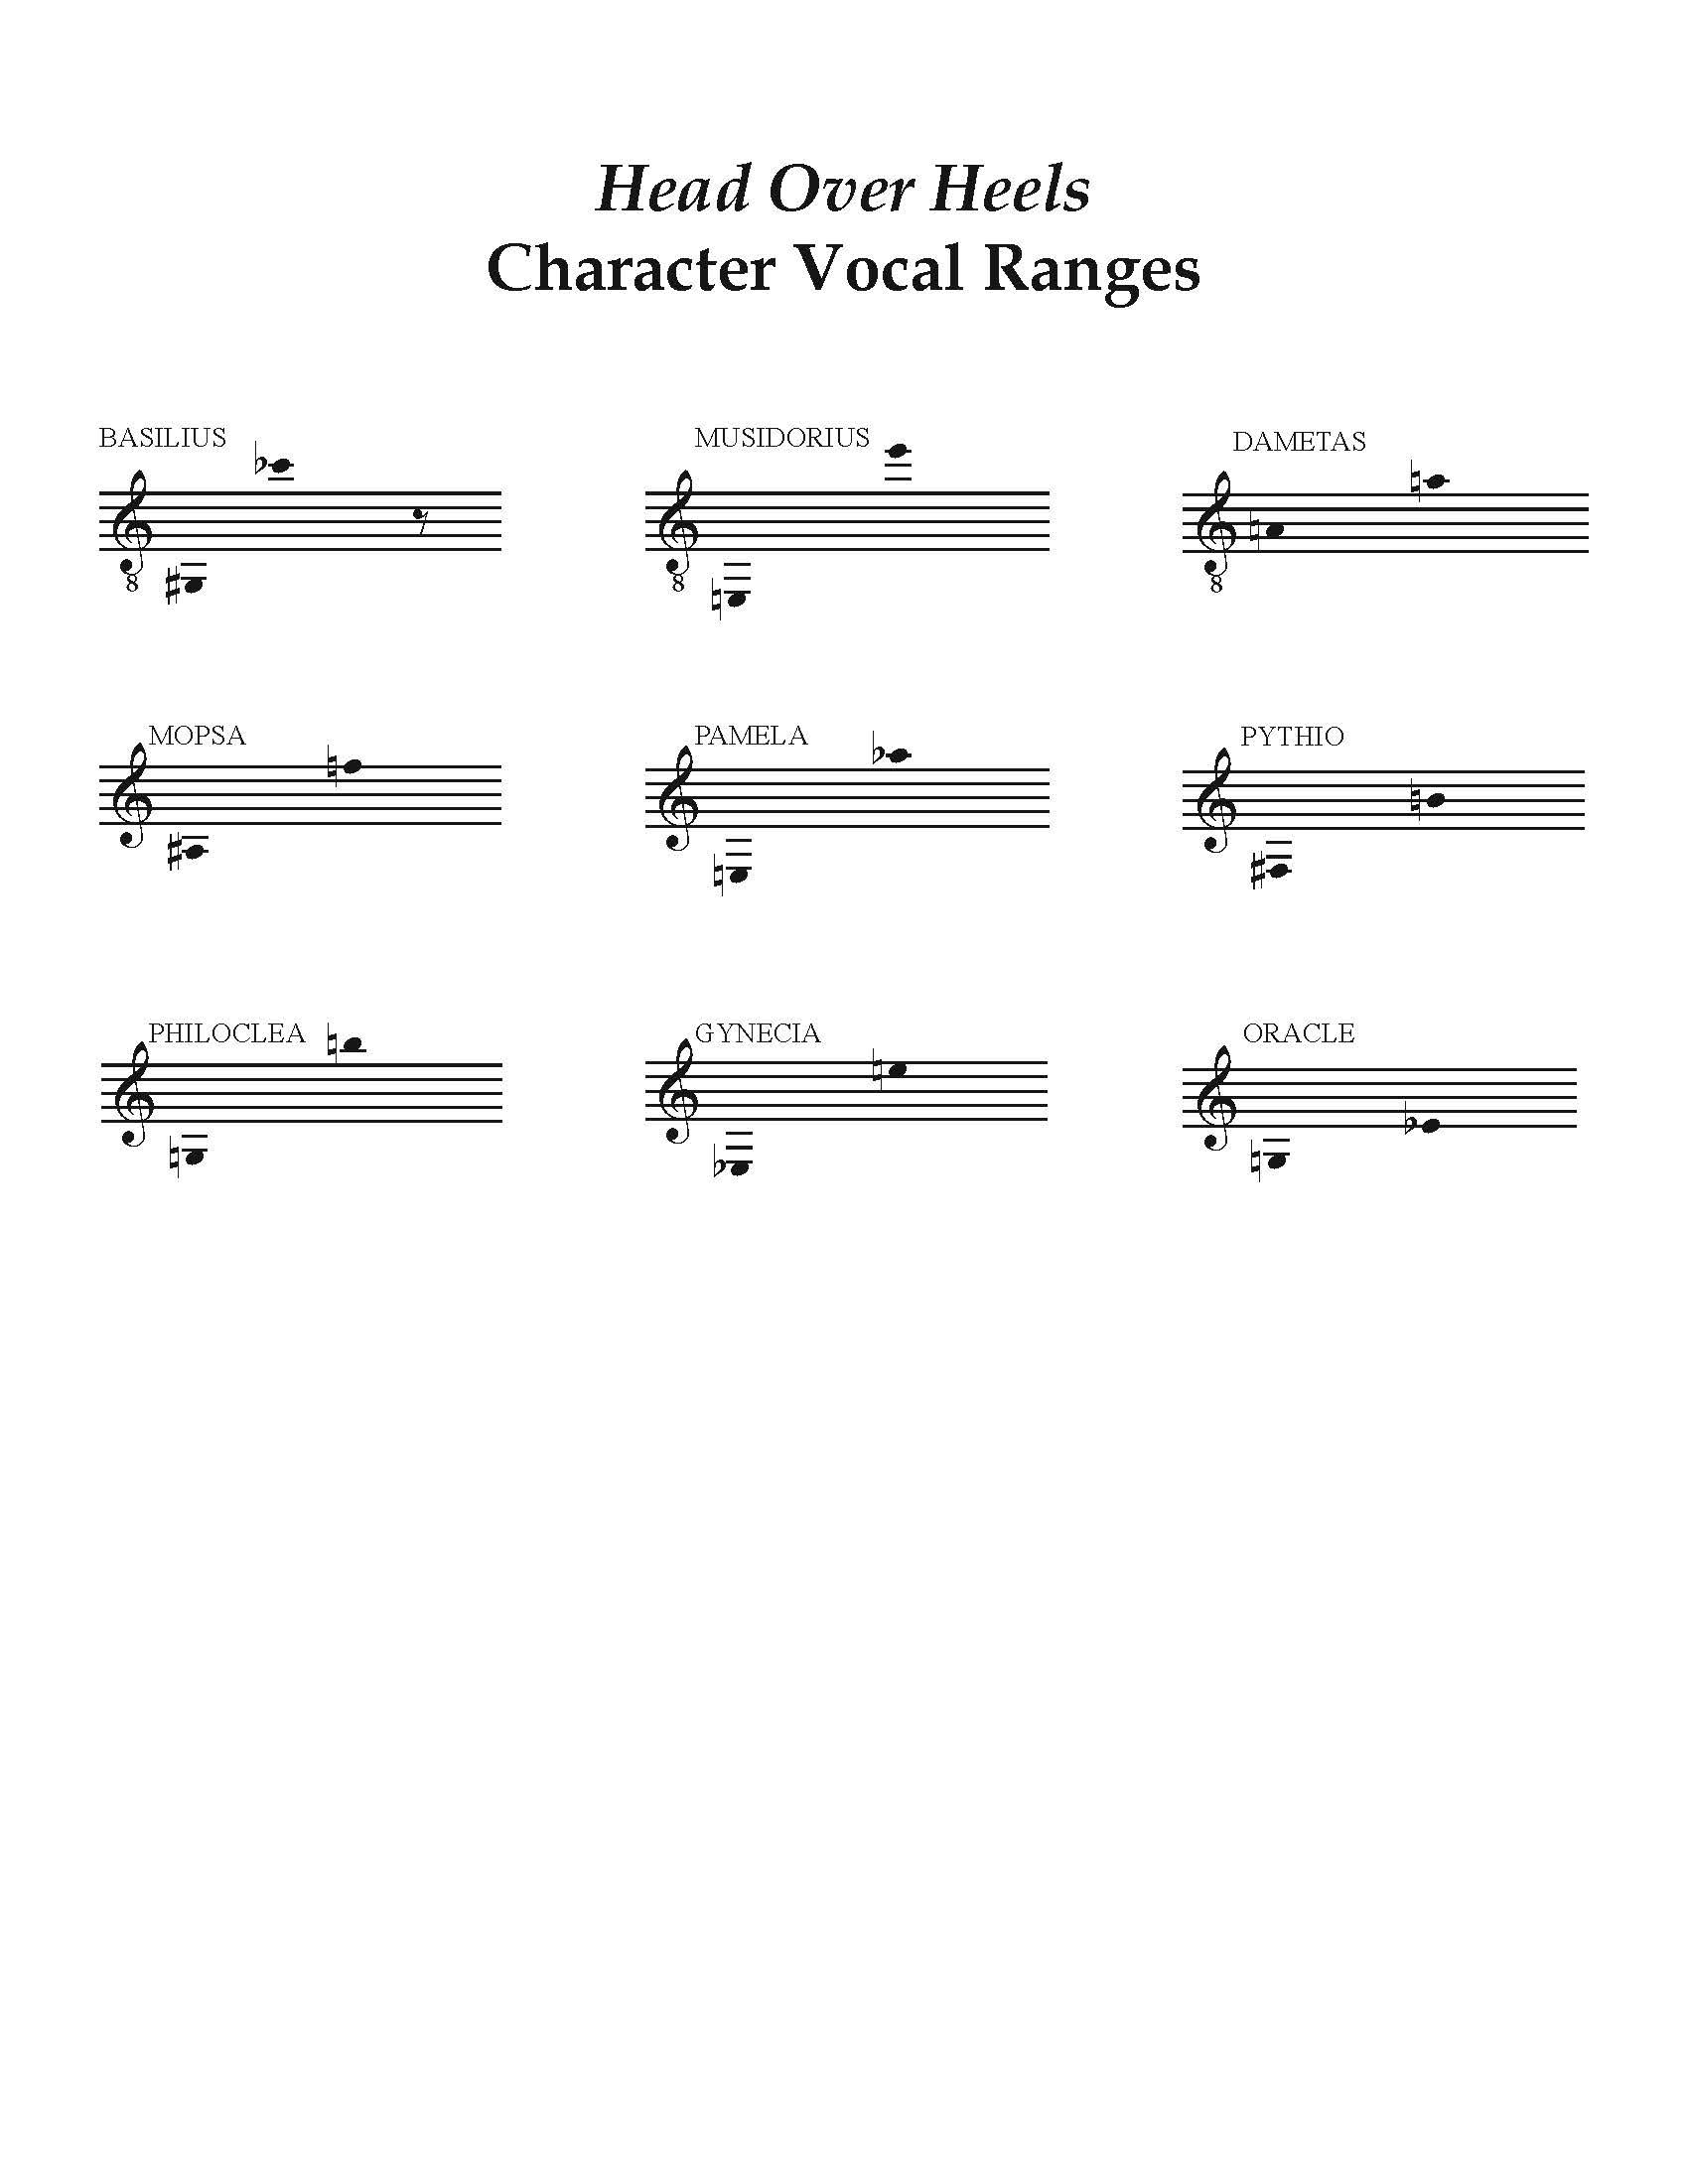 Head Over Heels Vocal Ranges